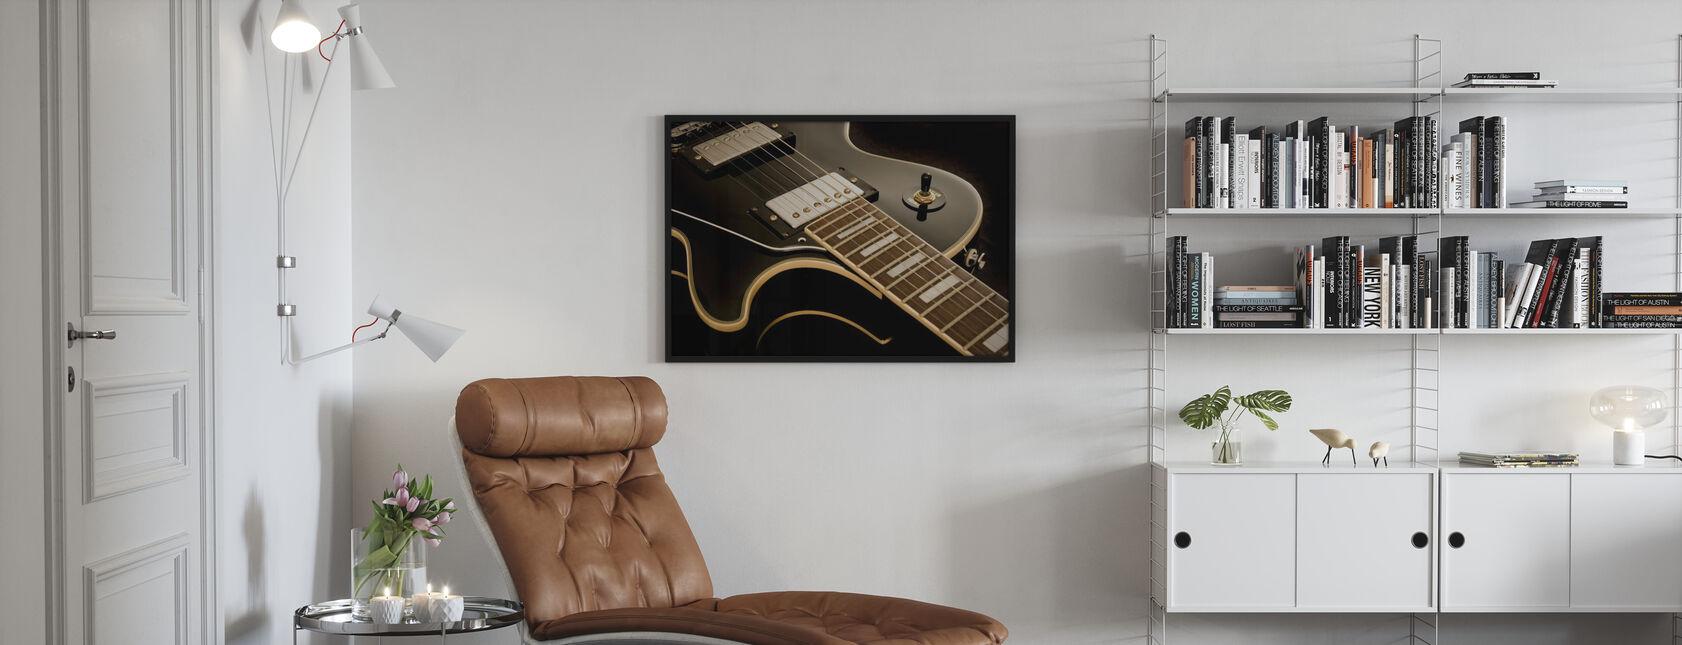 Guitare Vintage - Impression encadree - Salle à manger